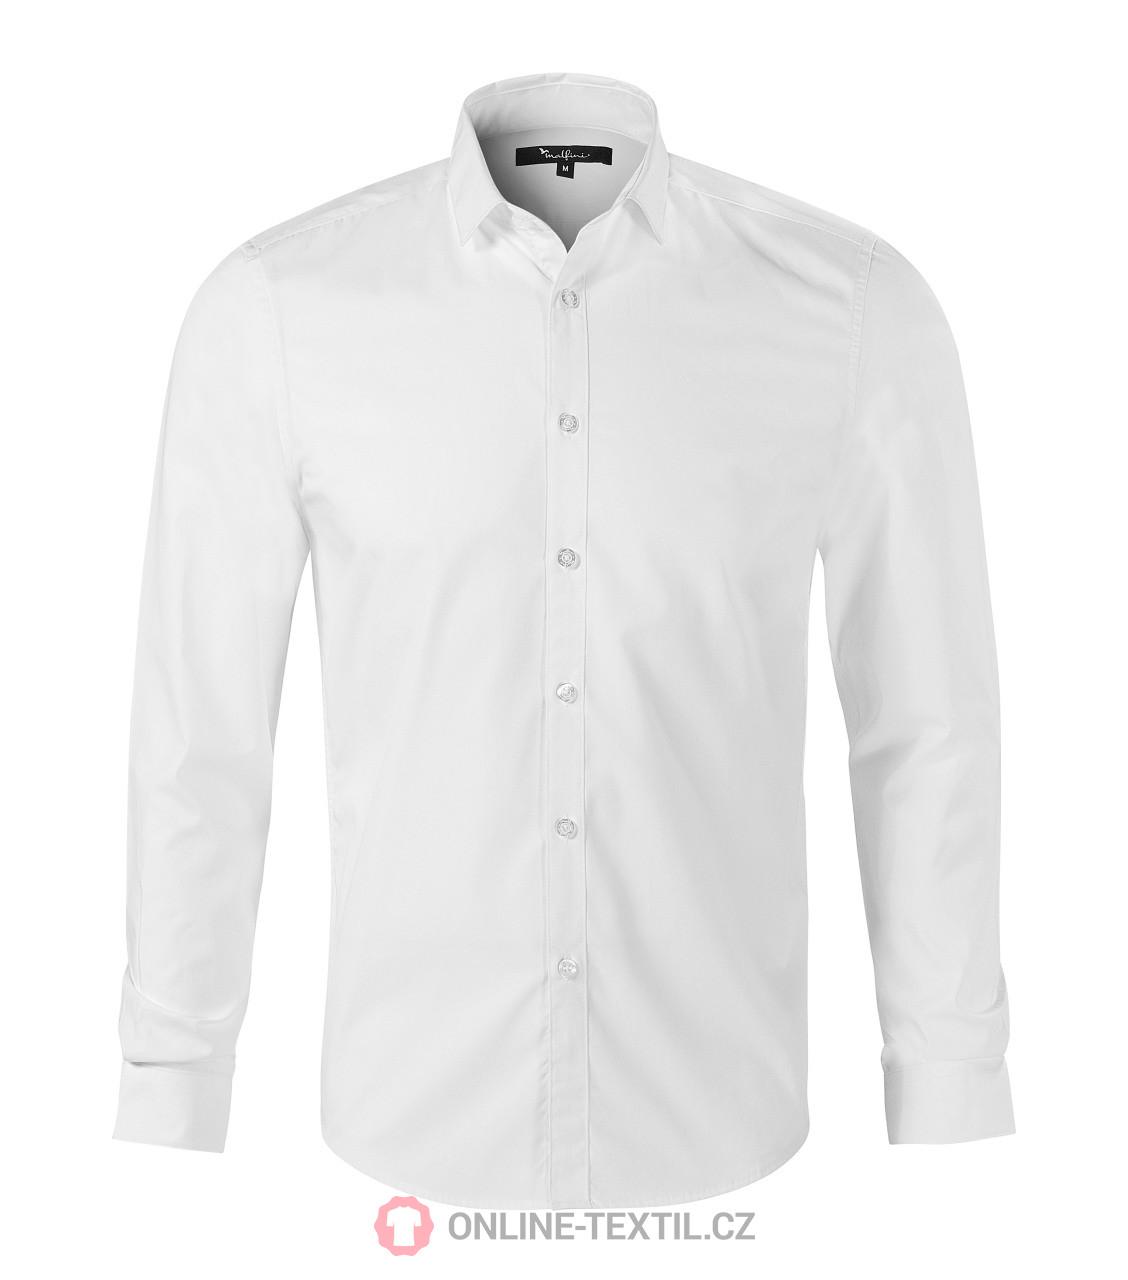 16775938b3f8 Pánska košeľa Malfini Premium Dynamic  Pánska košeľa Malfini Premium Dynamic  ...